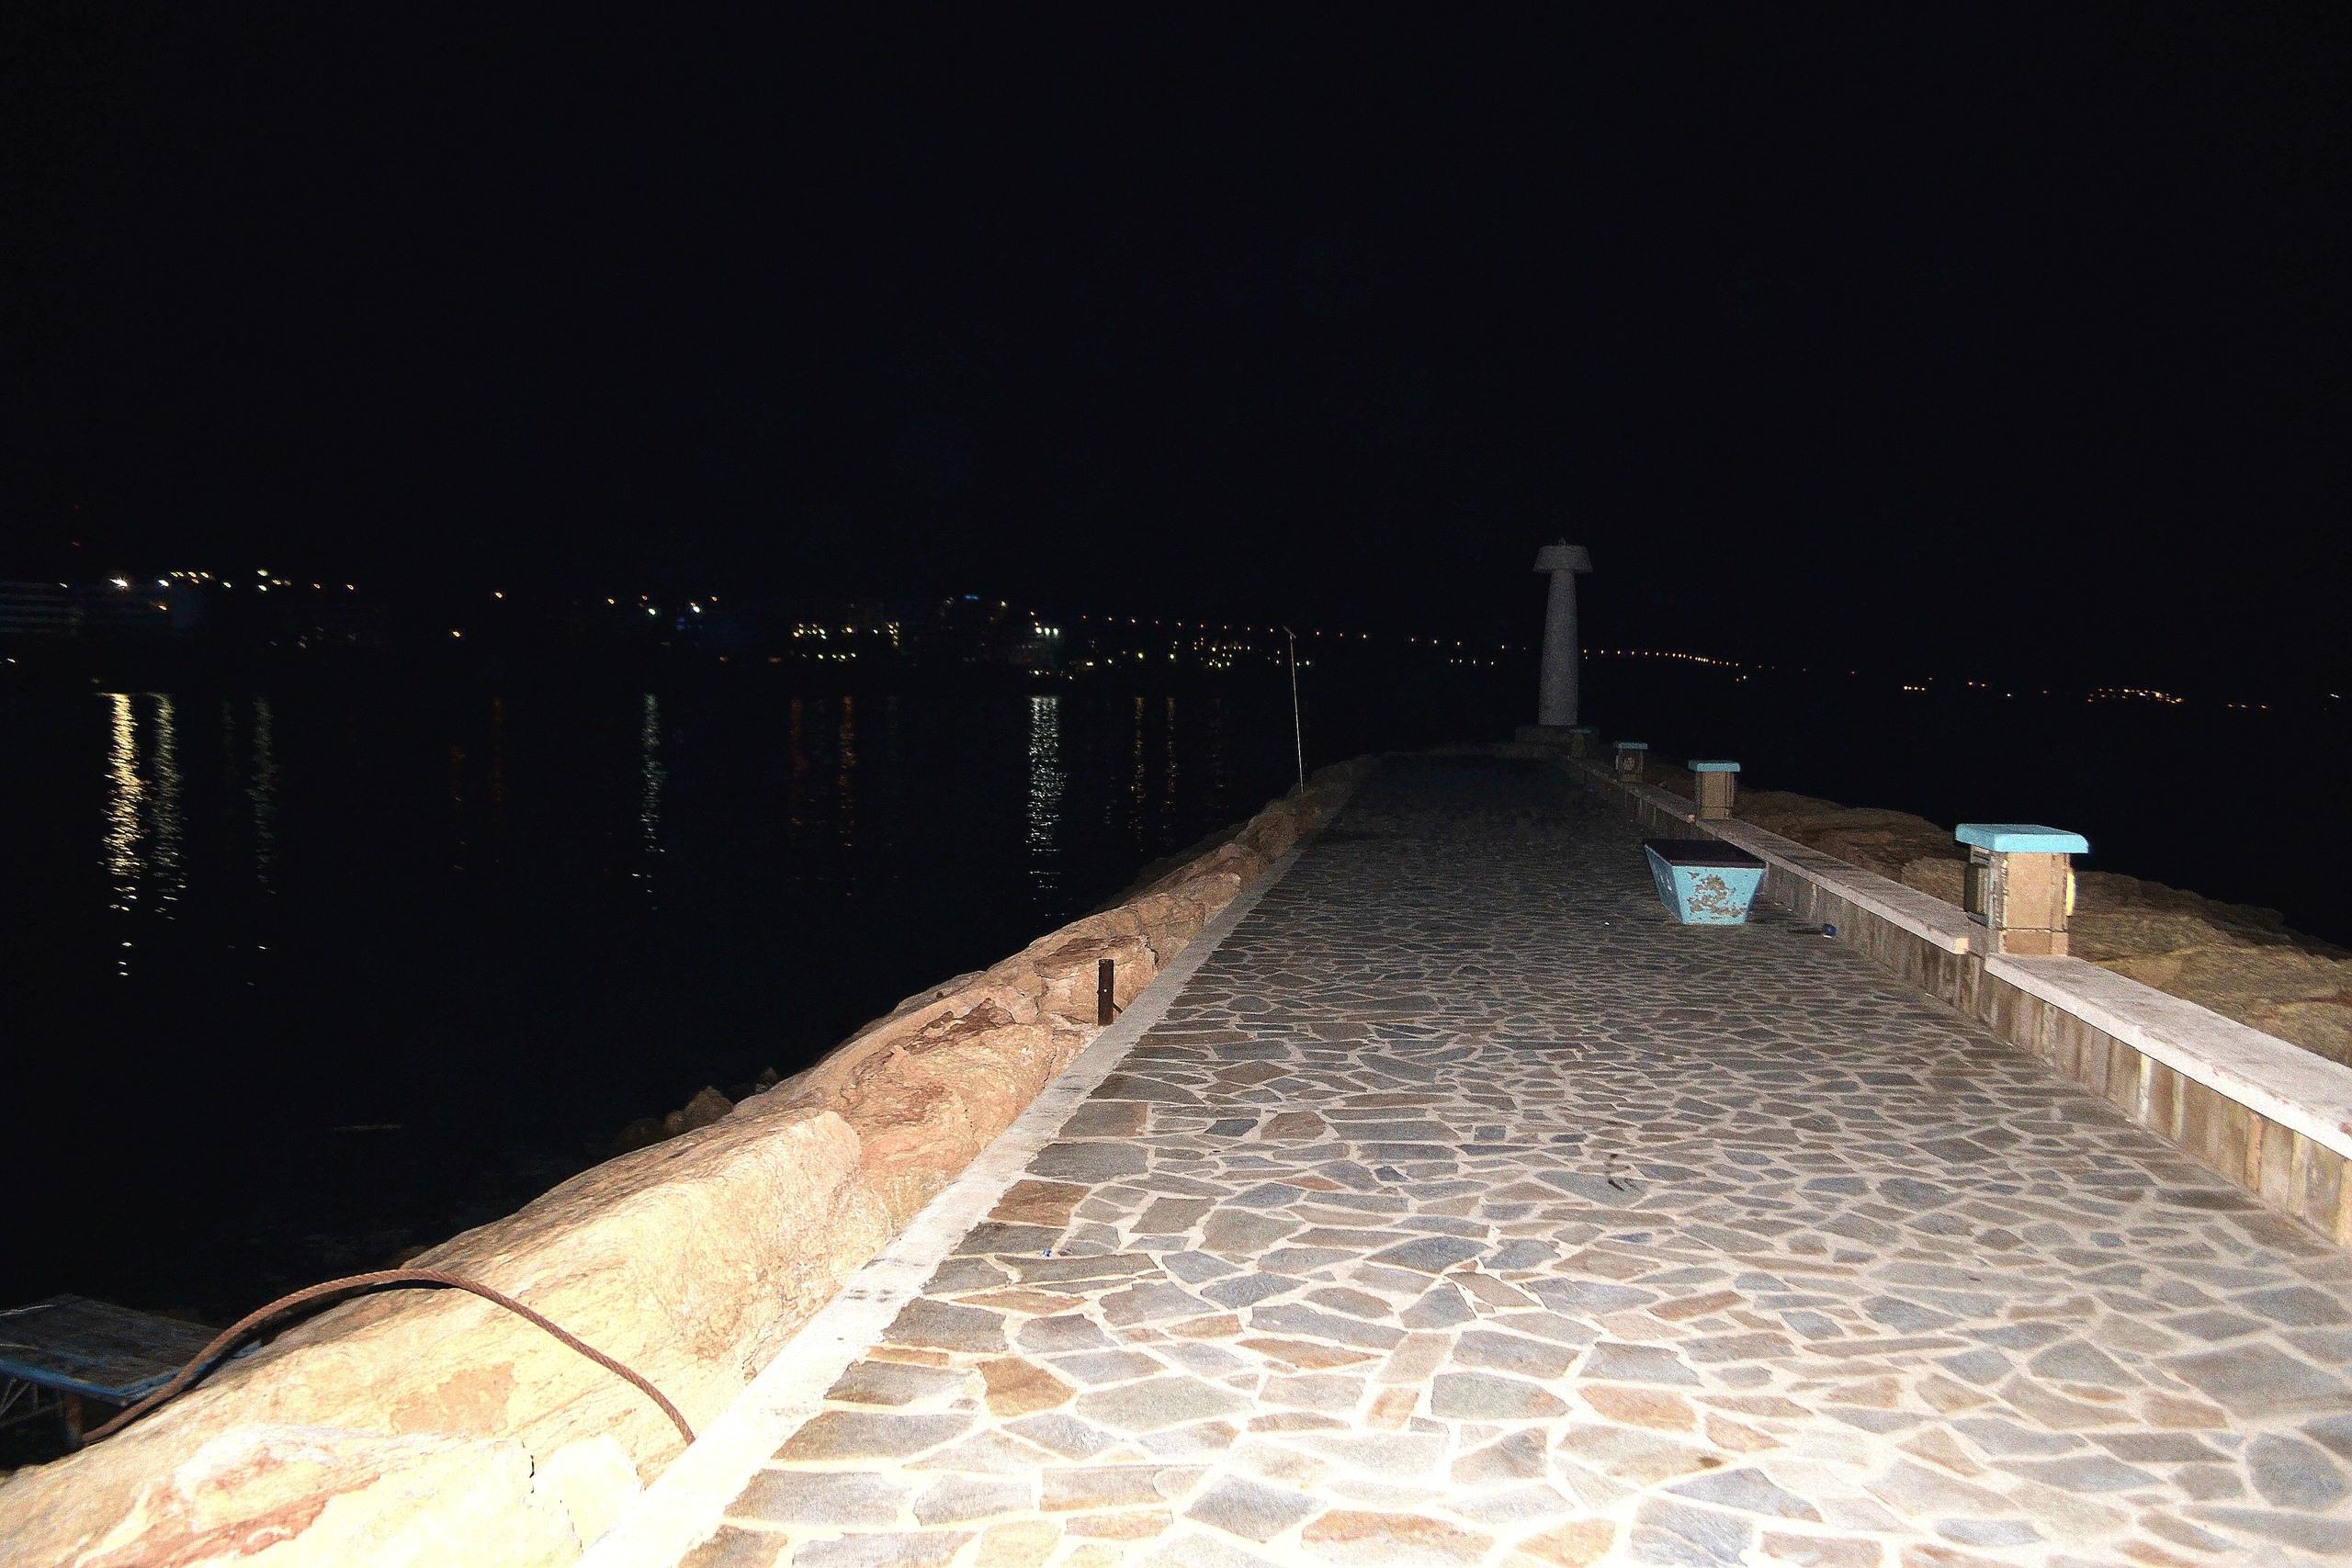 Елена Руденко (Валтея). Кипр. Айия-Напа (фото). - Страница 2 PuQZarFMJ7Q